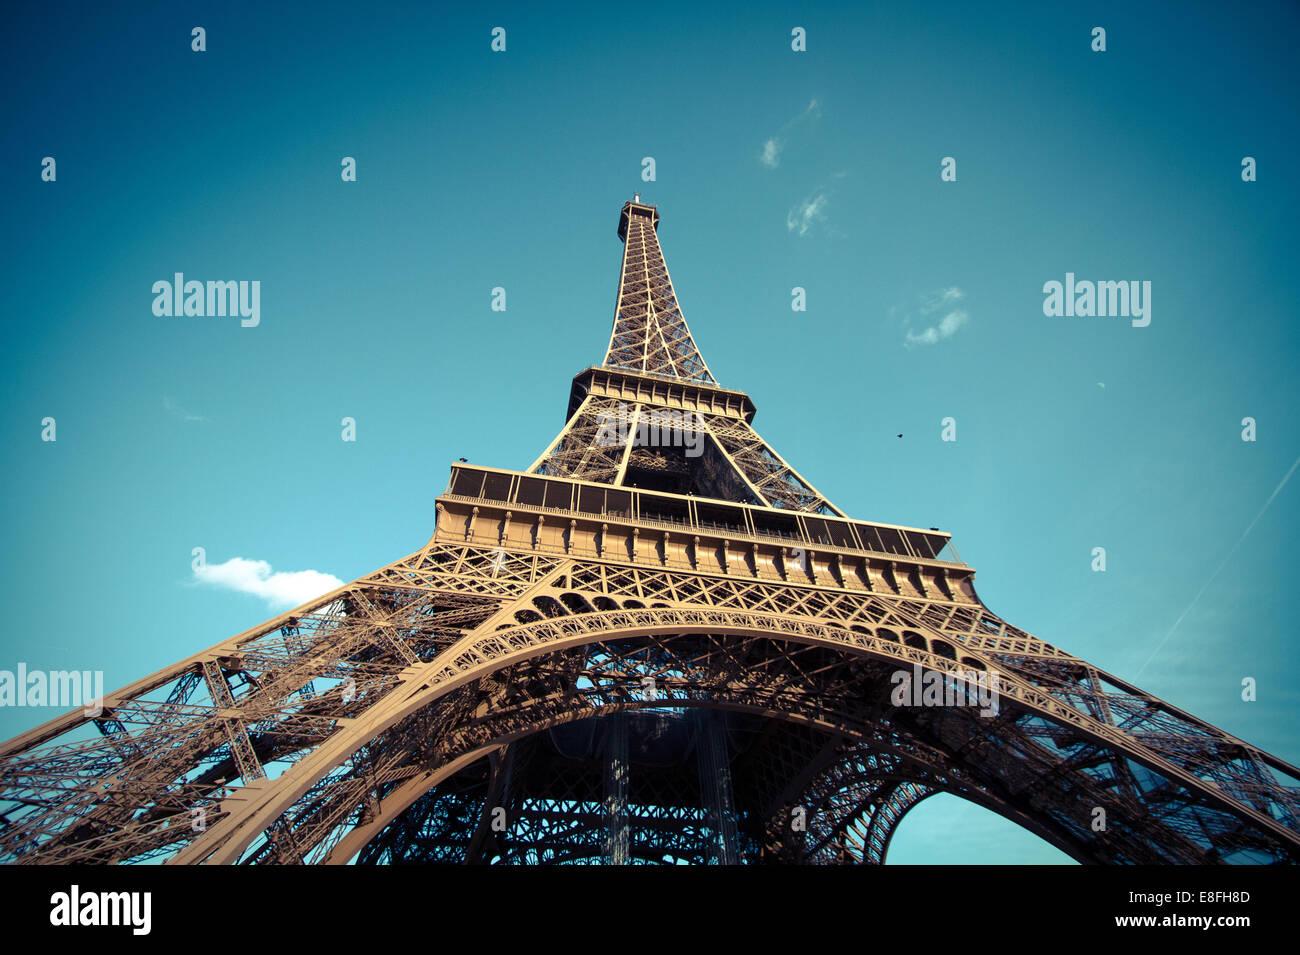 Ángulo de visión baja de la Torre Eiffel, en París, Francia Imagen De Stock